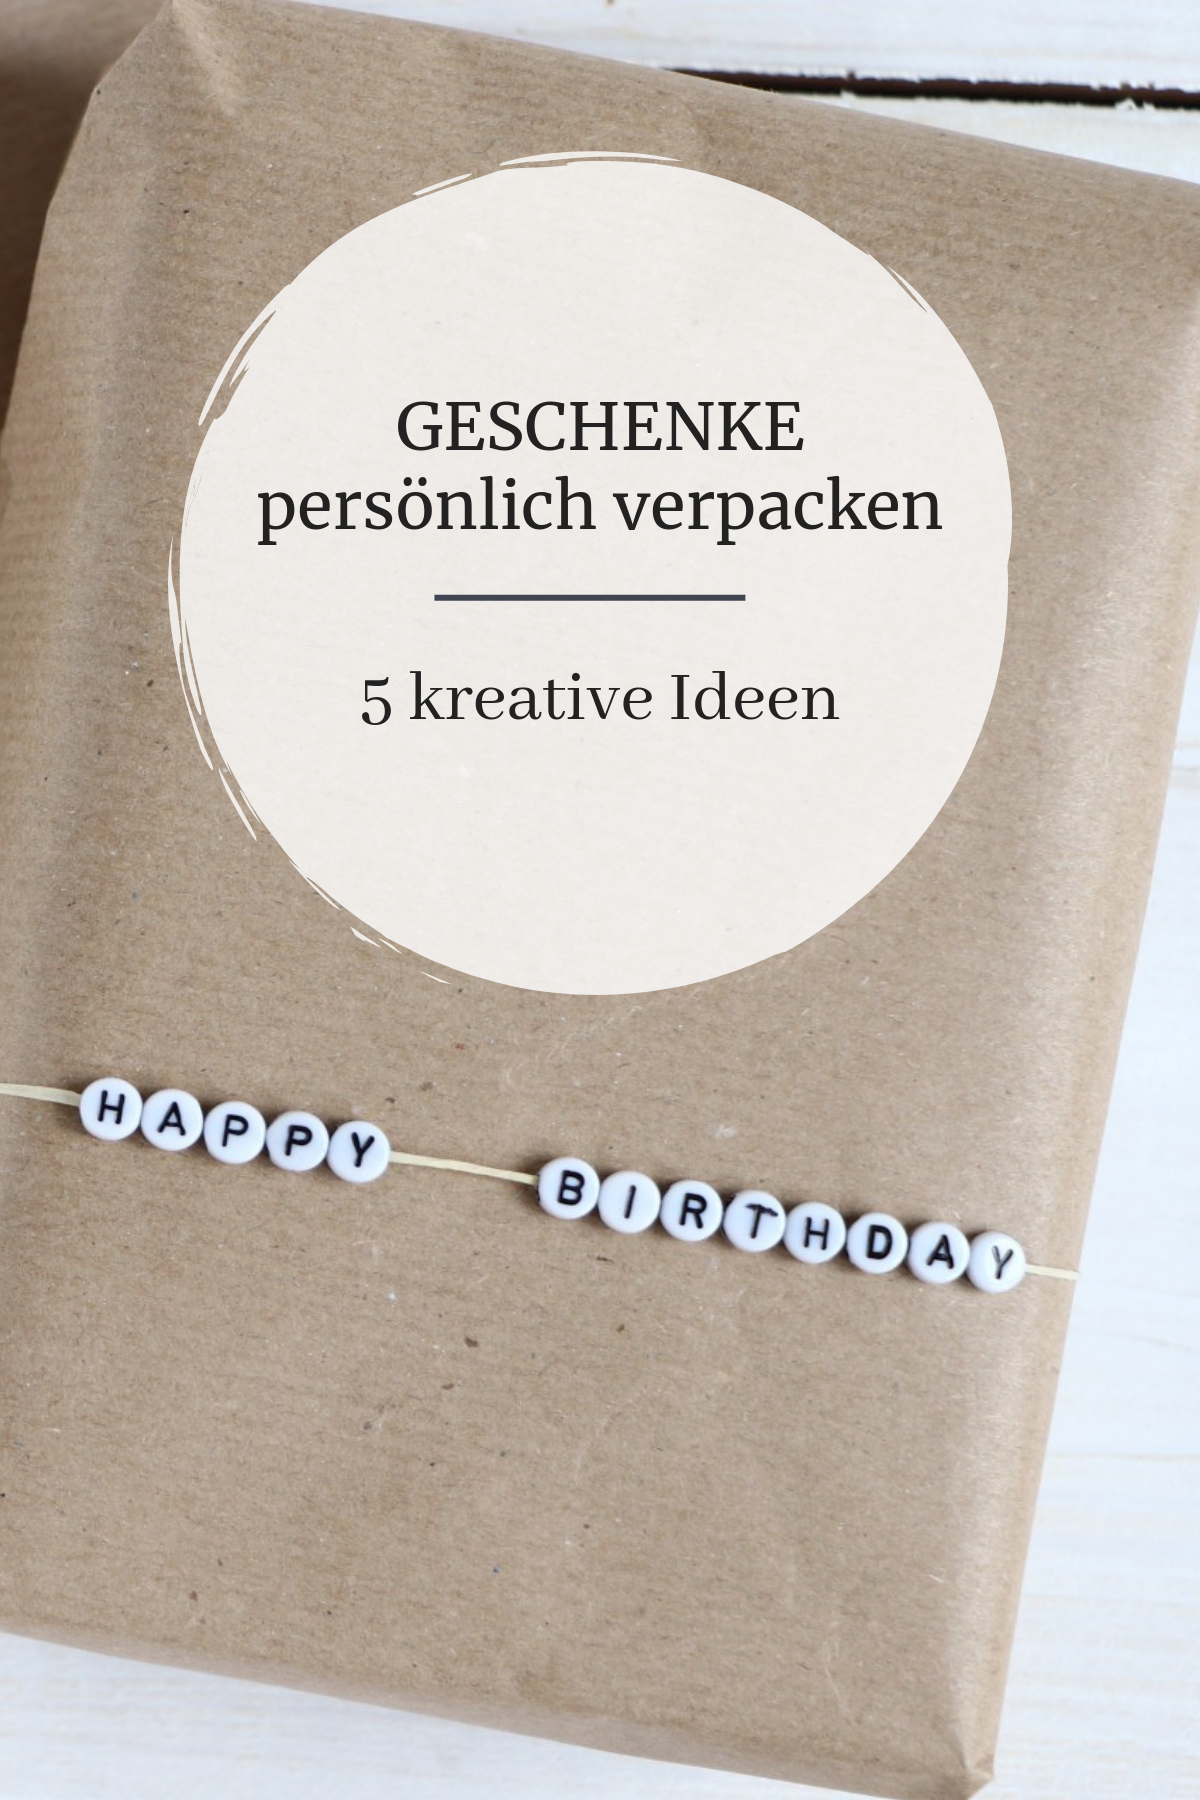 Geschenke verpacken: Ideen mit Packpapier #geschenkeverpacken